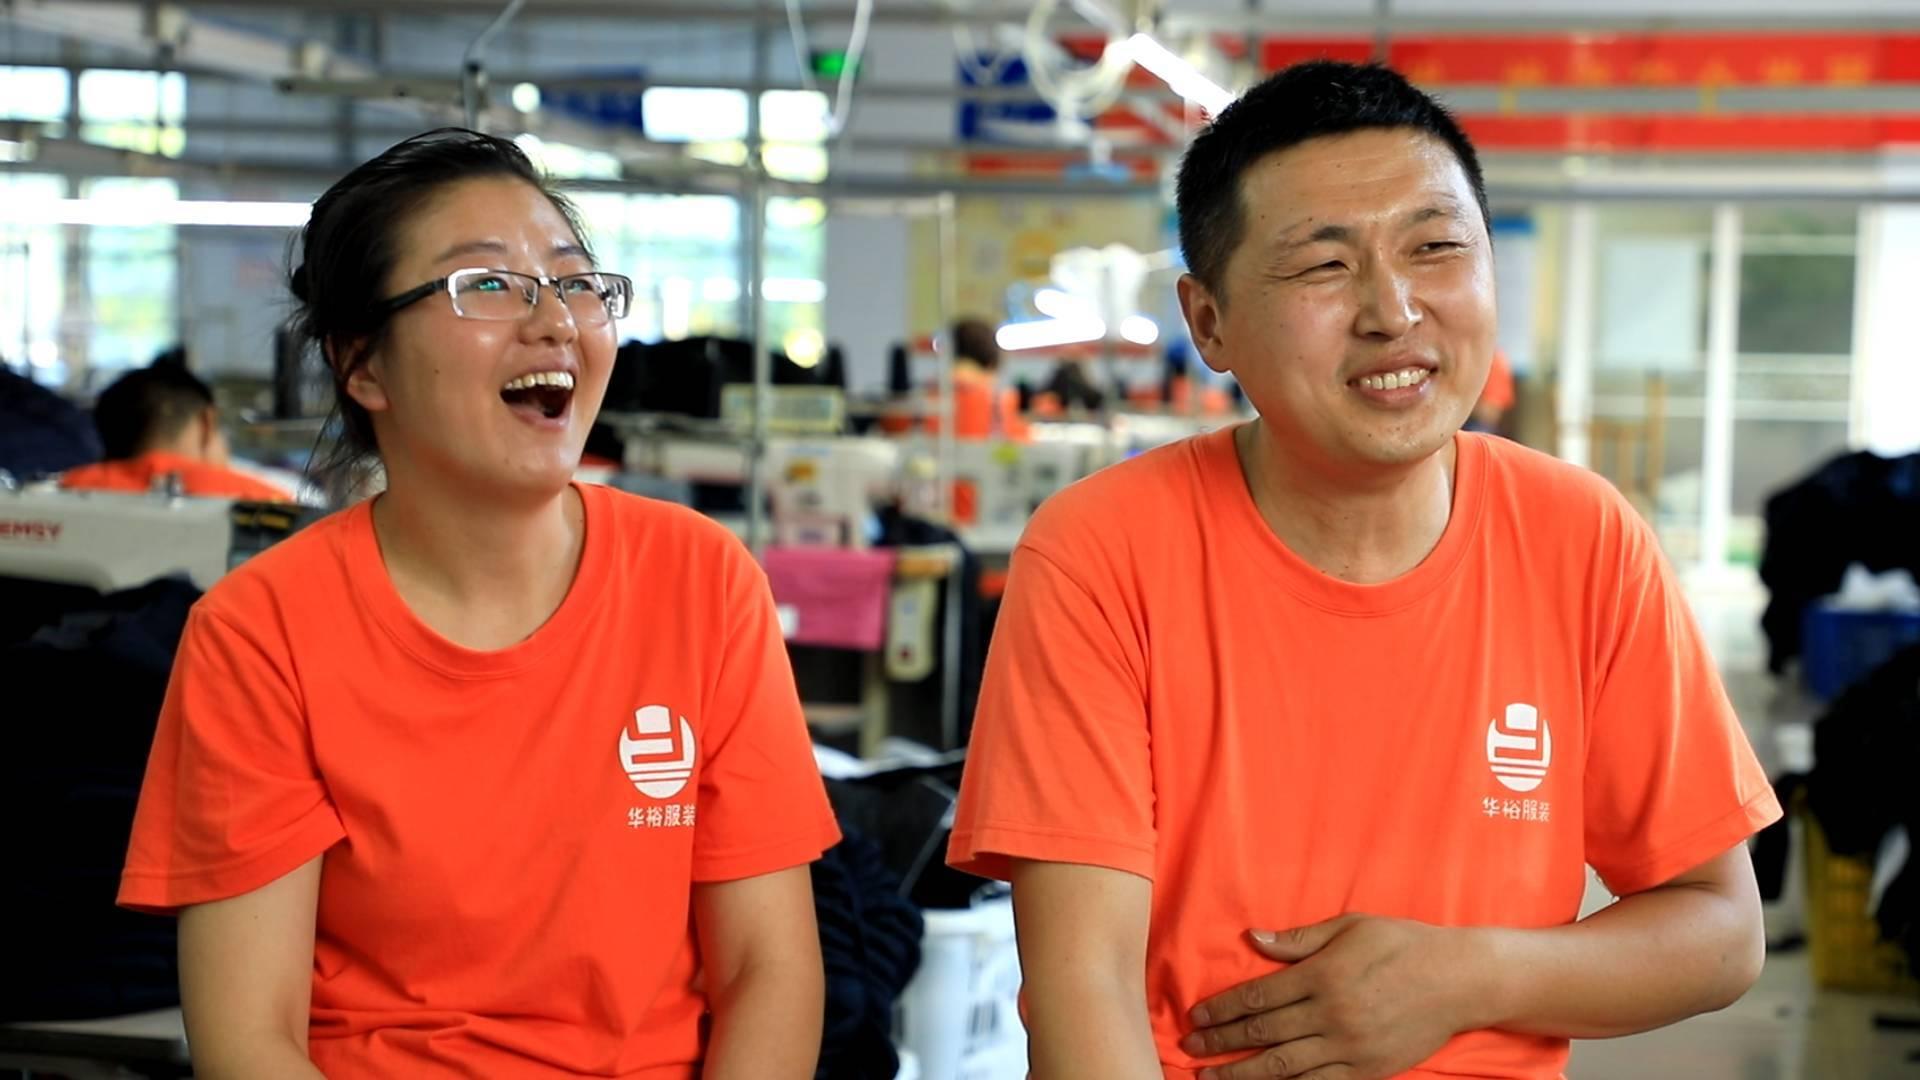 幸福的起点|从门外汉到服装设计师 聋哑人王琪在无障碍工厂里爱情事业双丰收